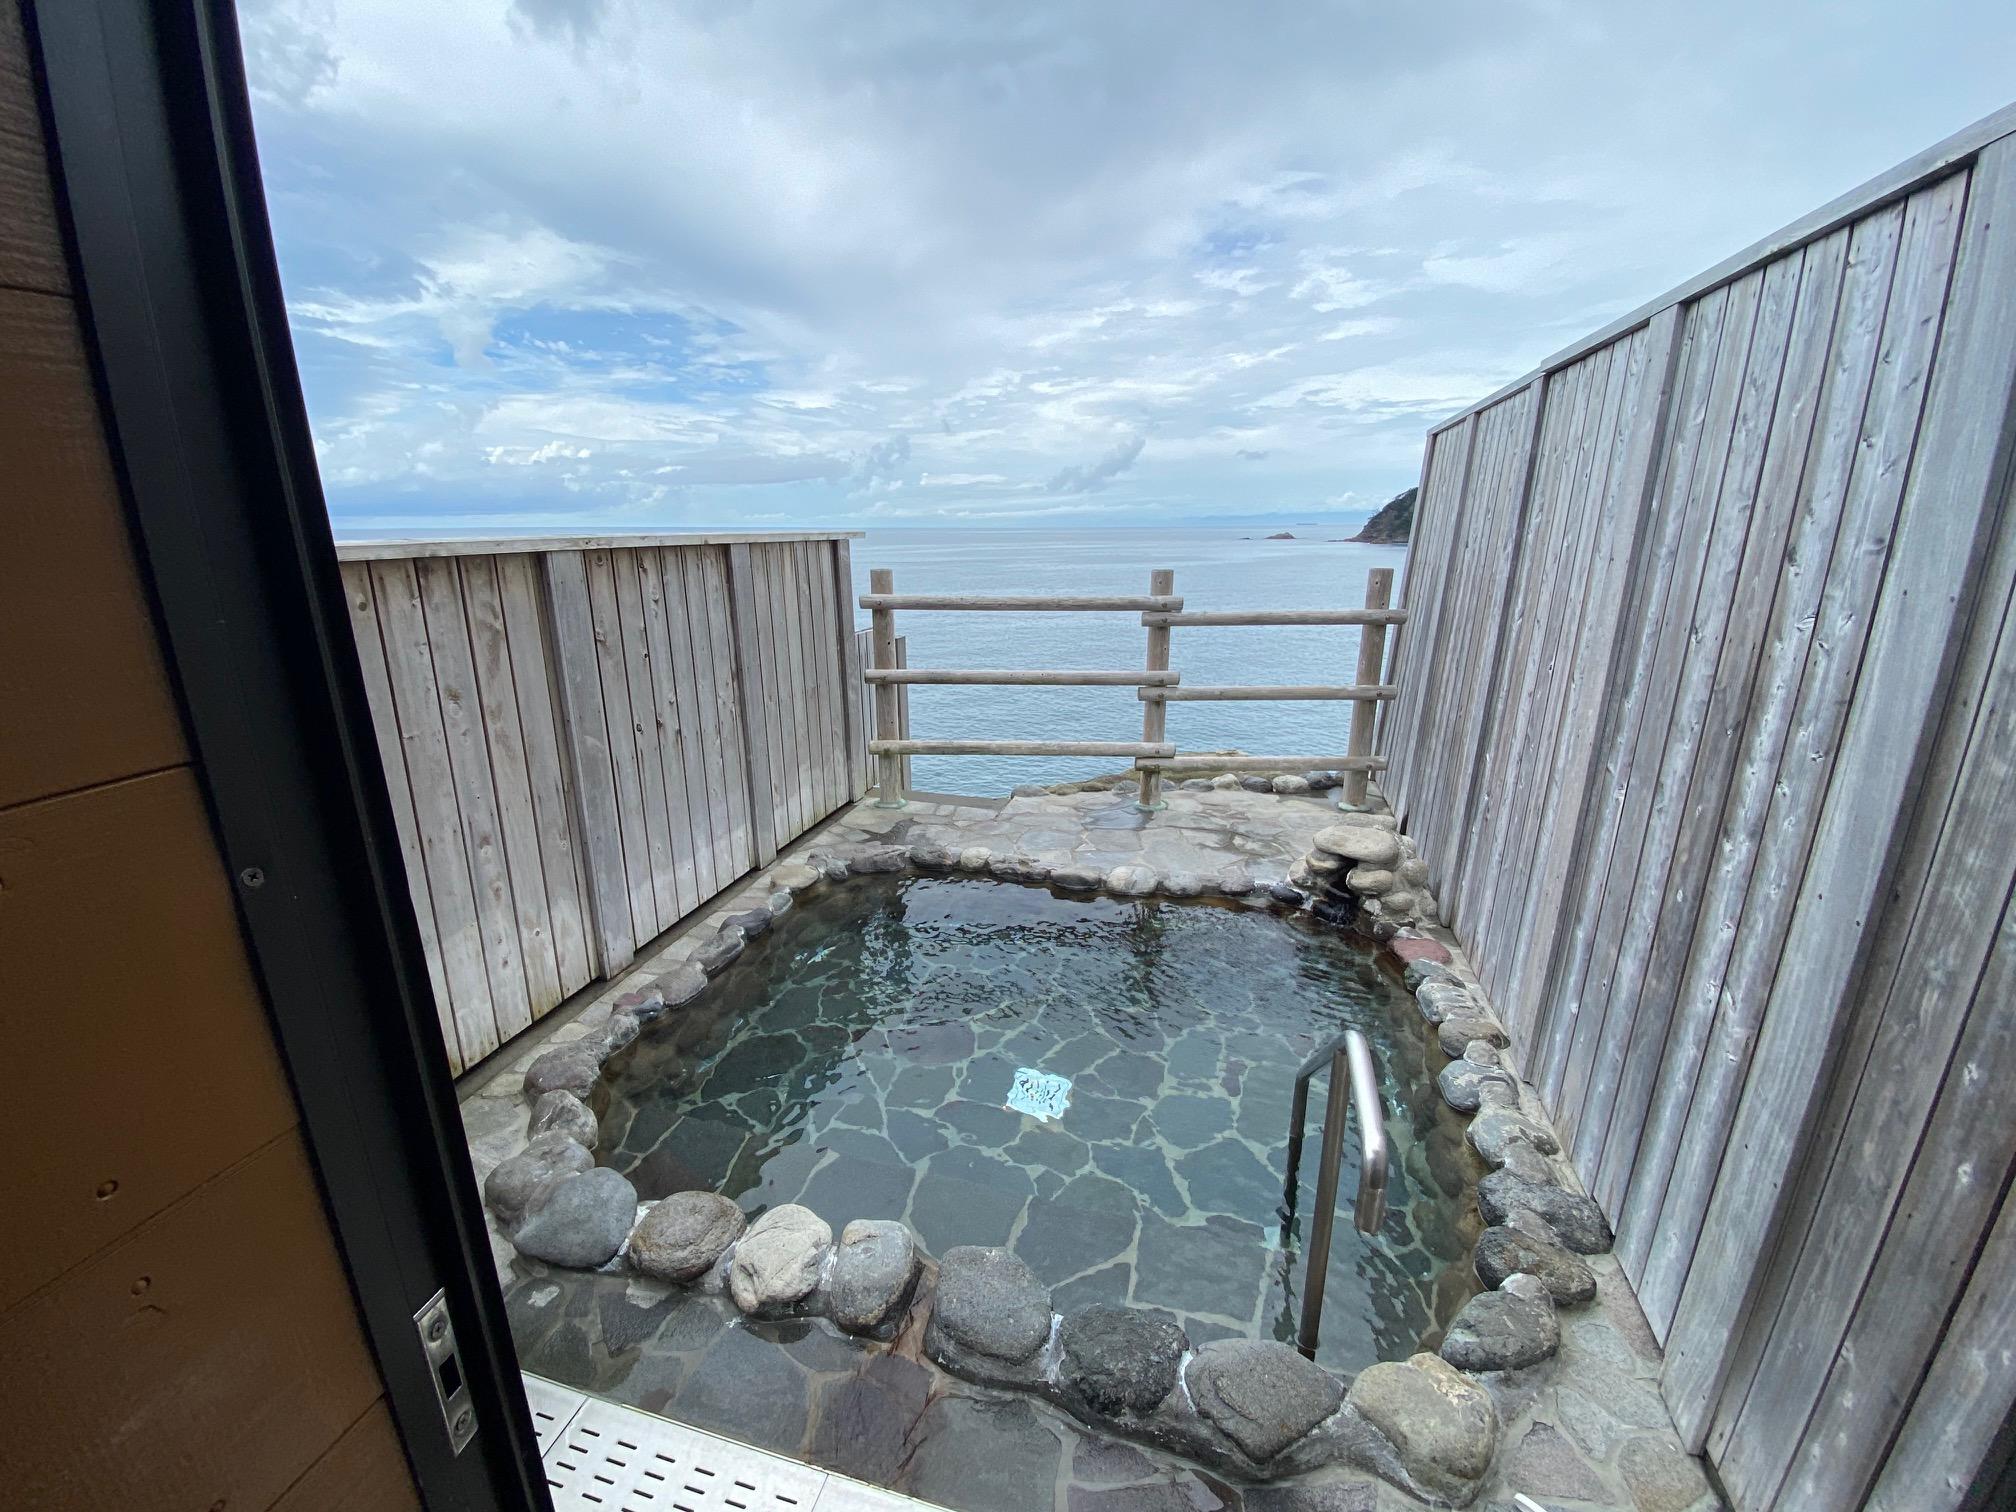 沢田公園露天風呂から駿河湾を望む